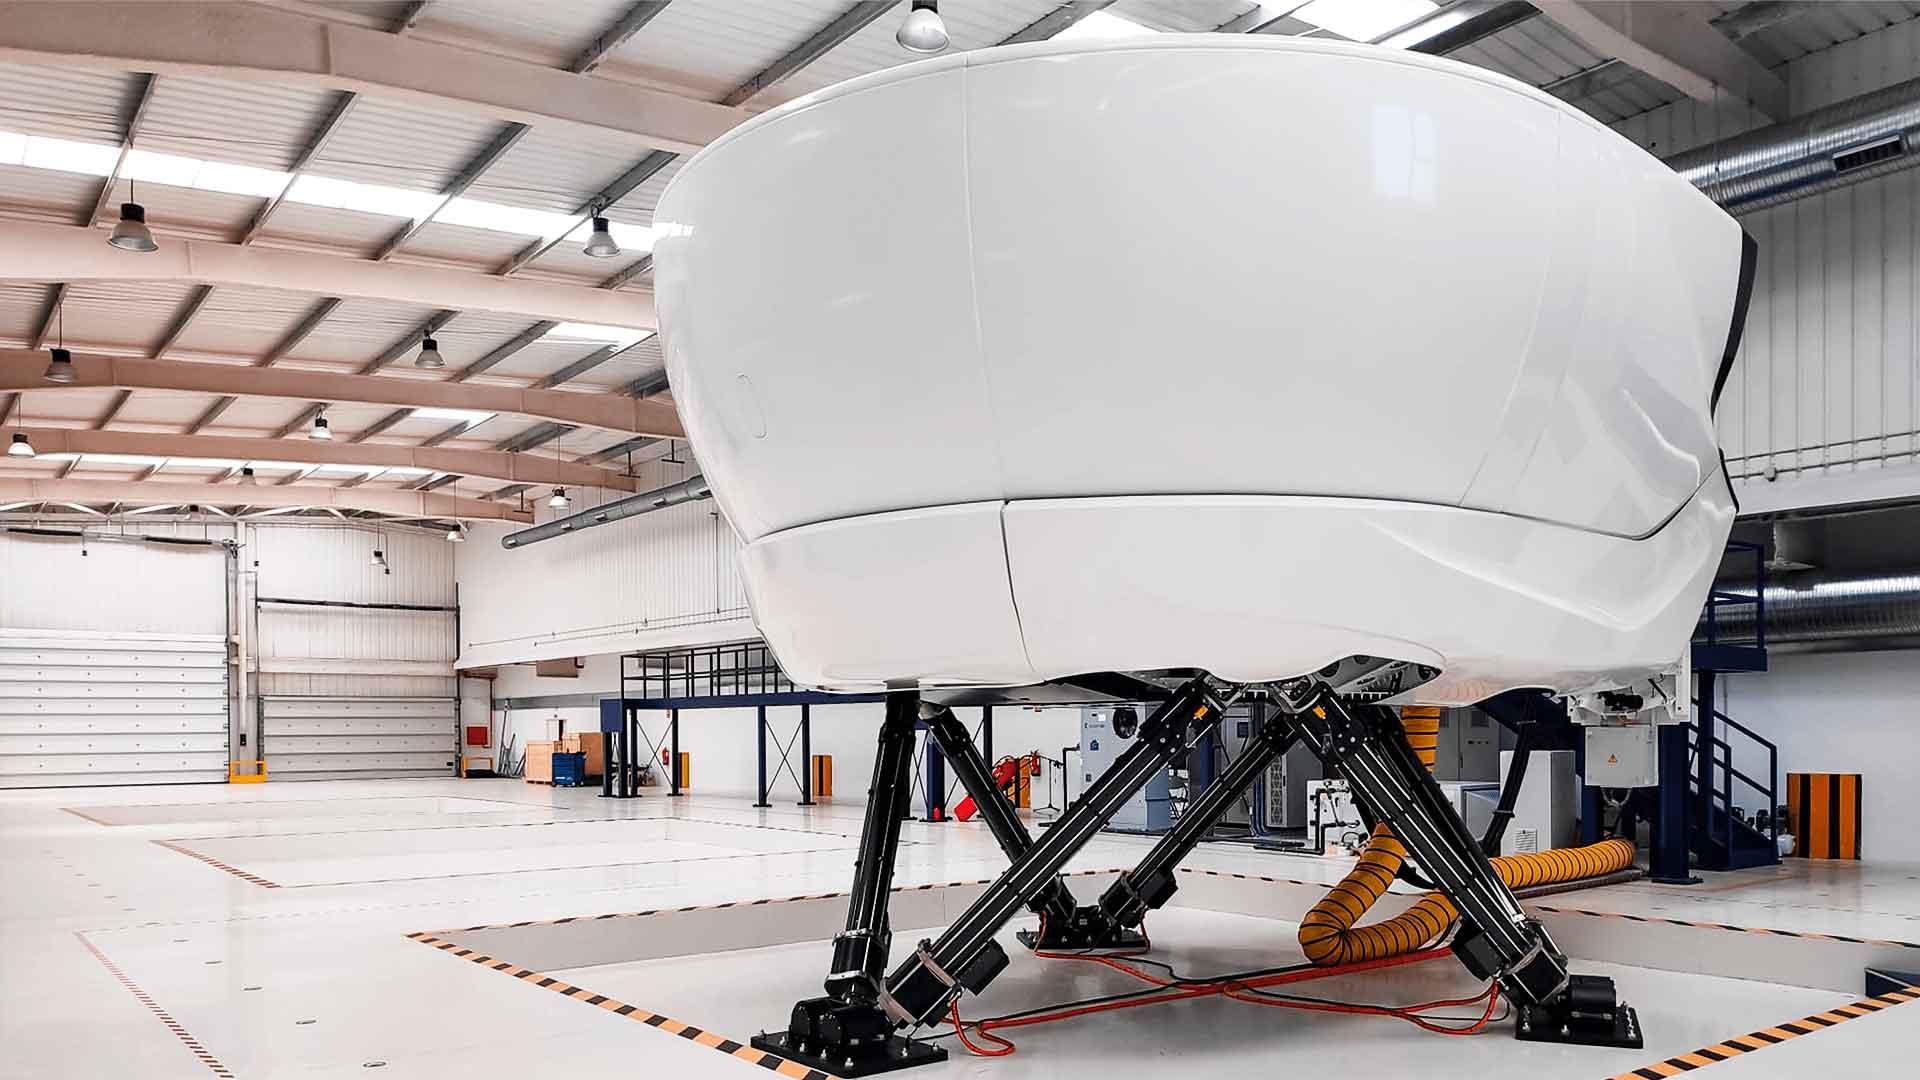 Nuevo simulador A320 y A330 en Madrid World Aviation